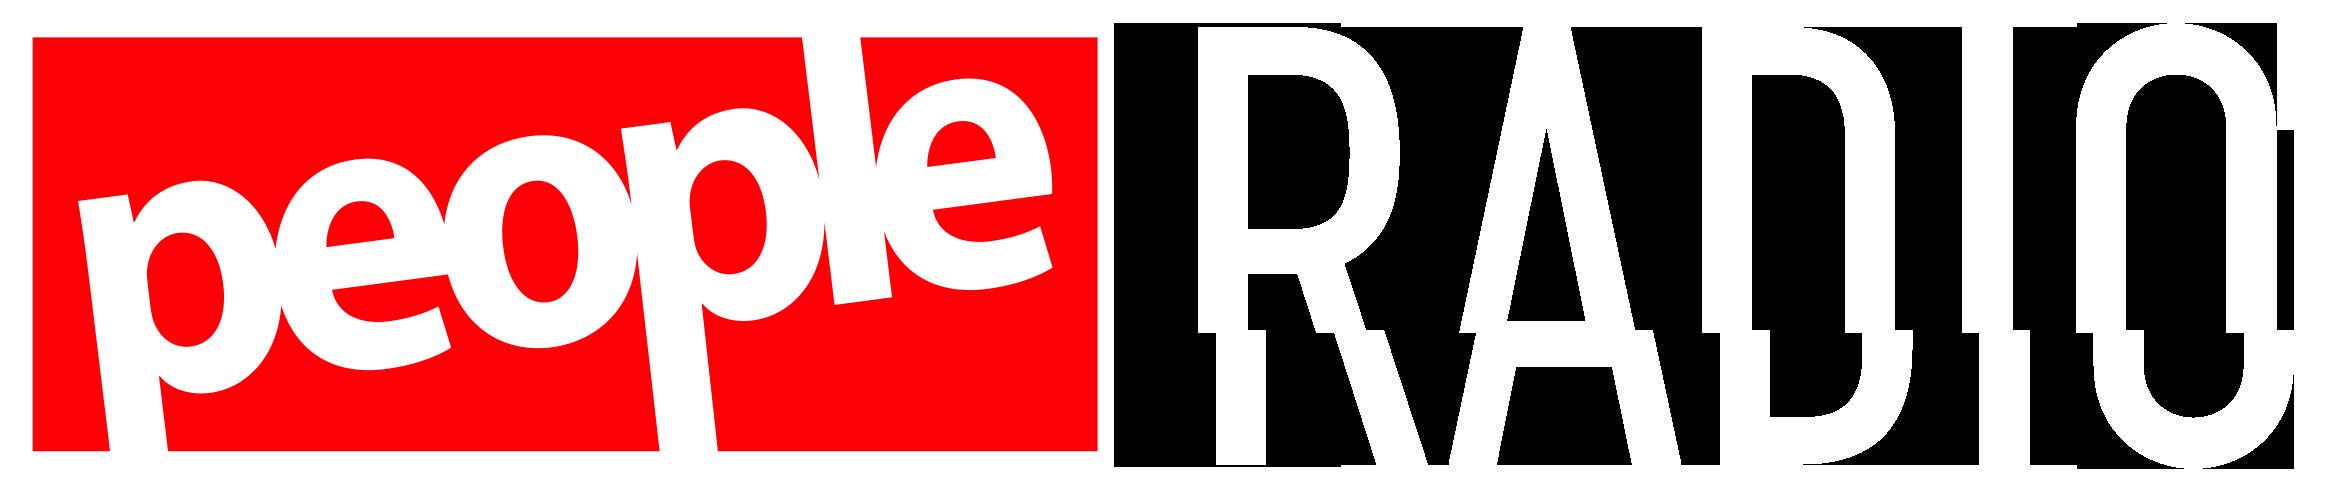 People Radio